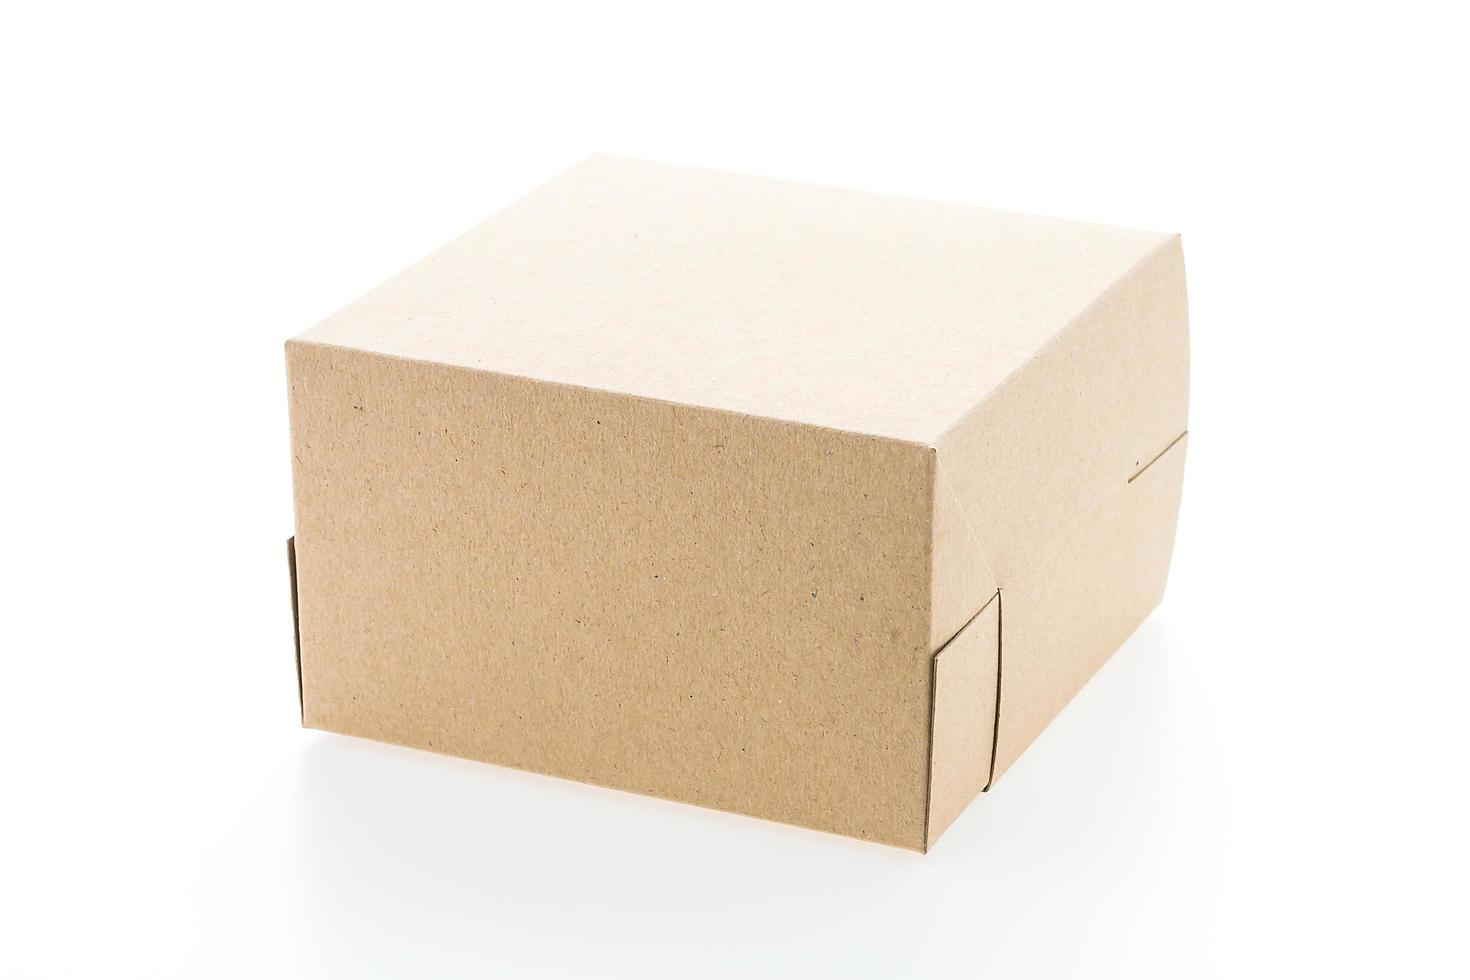 bruine papieren doos foto